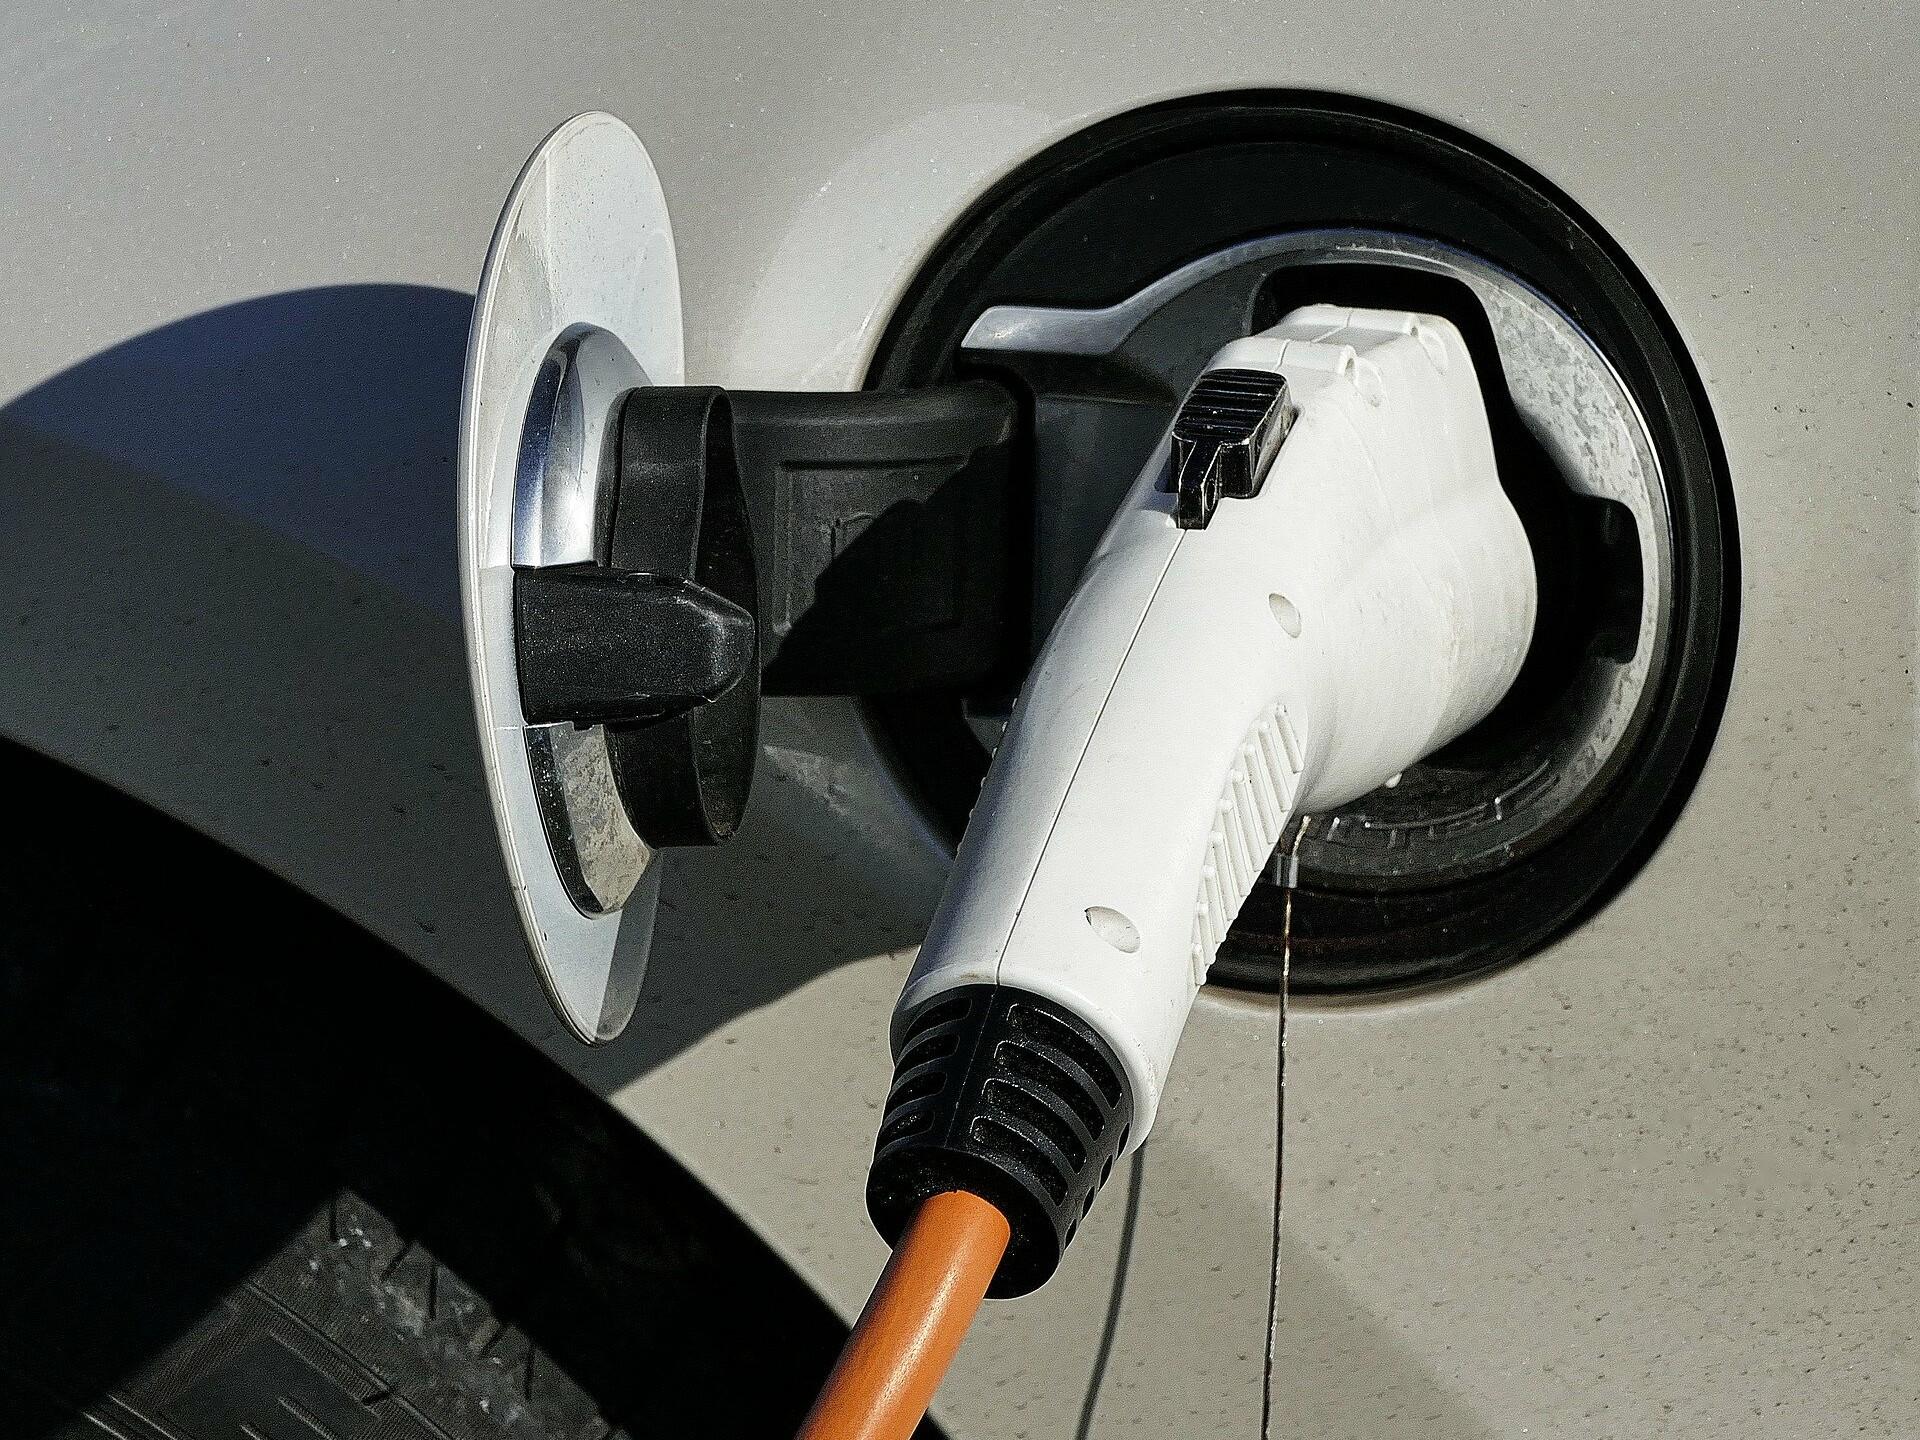 Stecker und Steckdose eines Elektroautos an einer Ladestation.